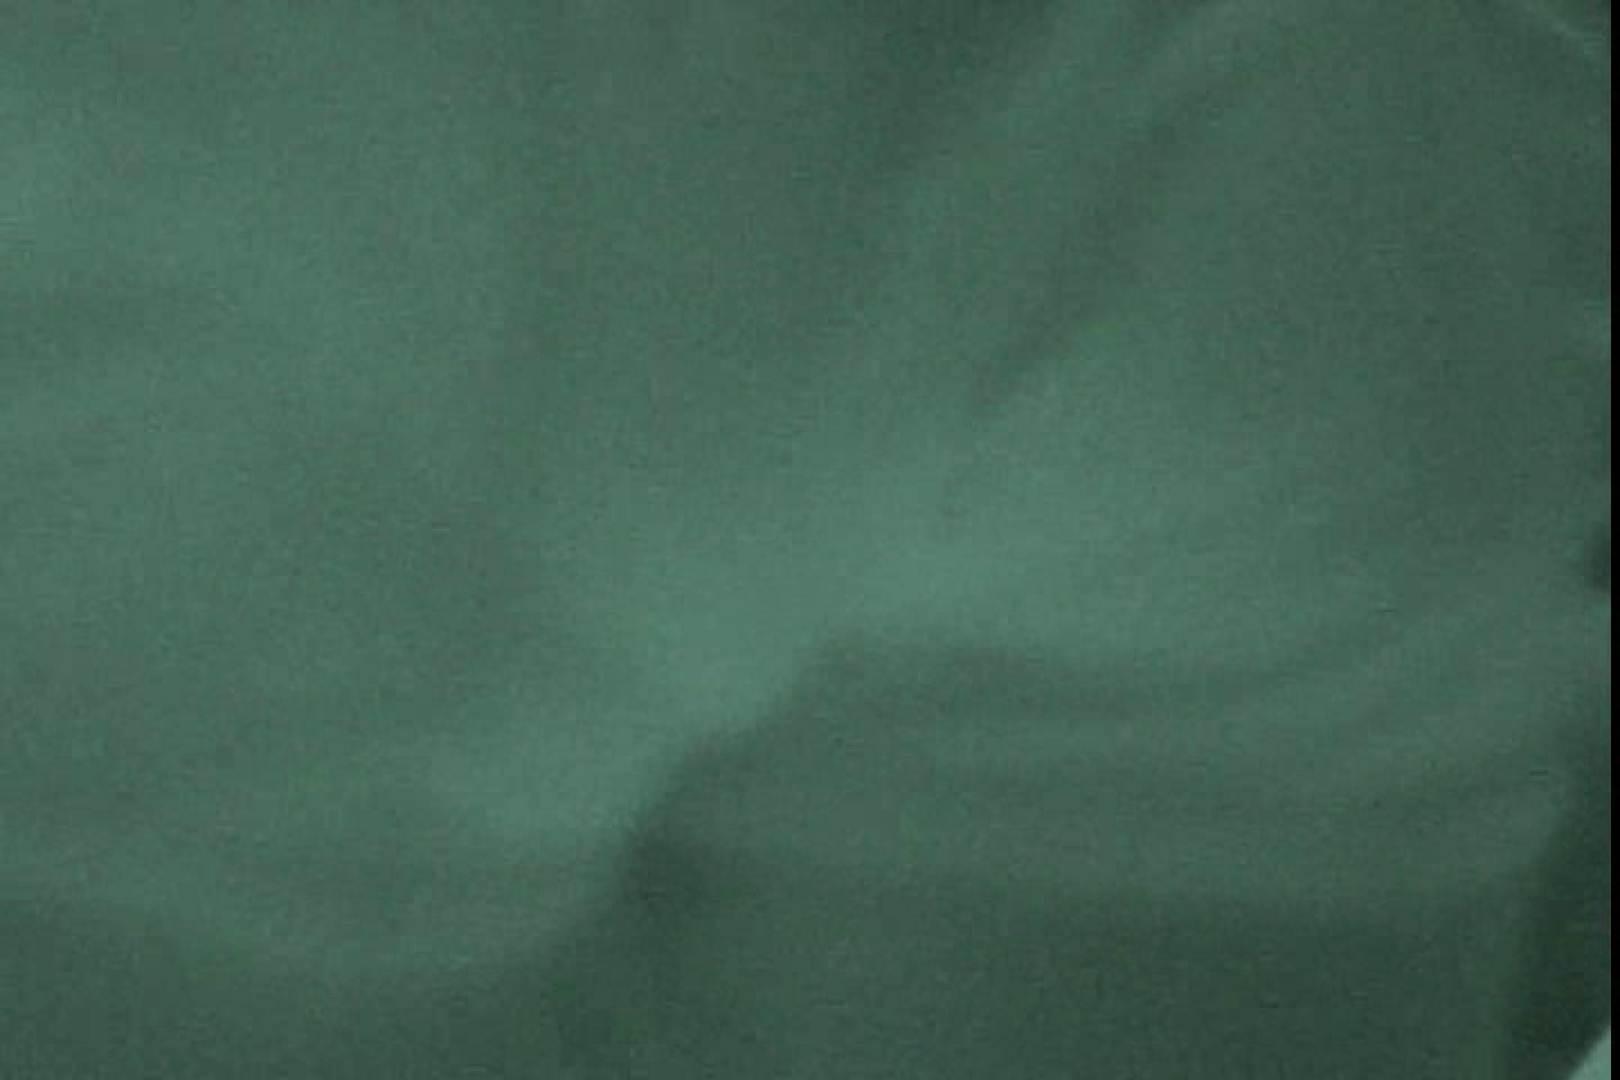 赤外線ムレスケバレー(汗) vol.02 赤外線 | アスリート  103PIX 59